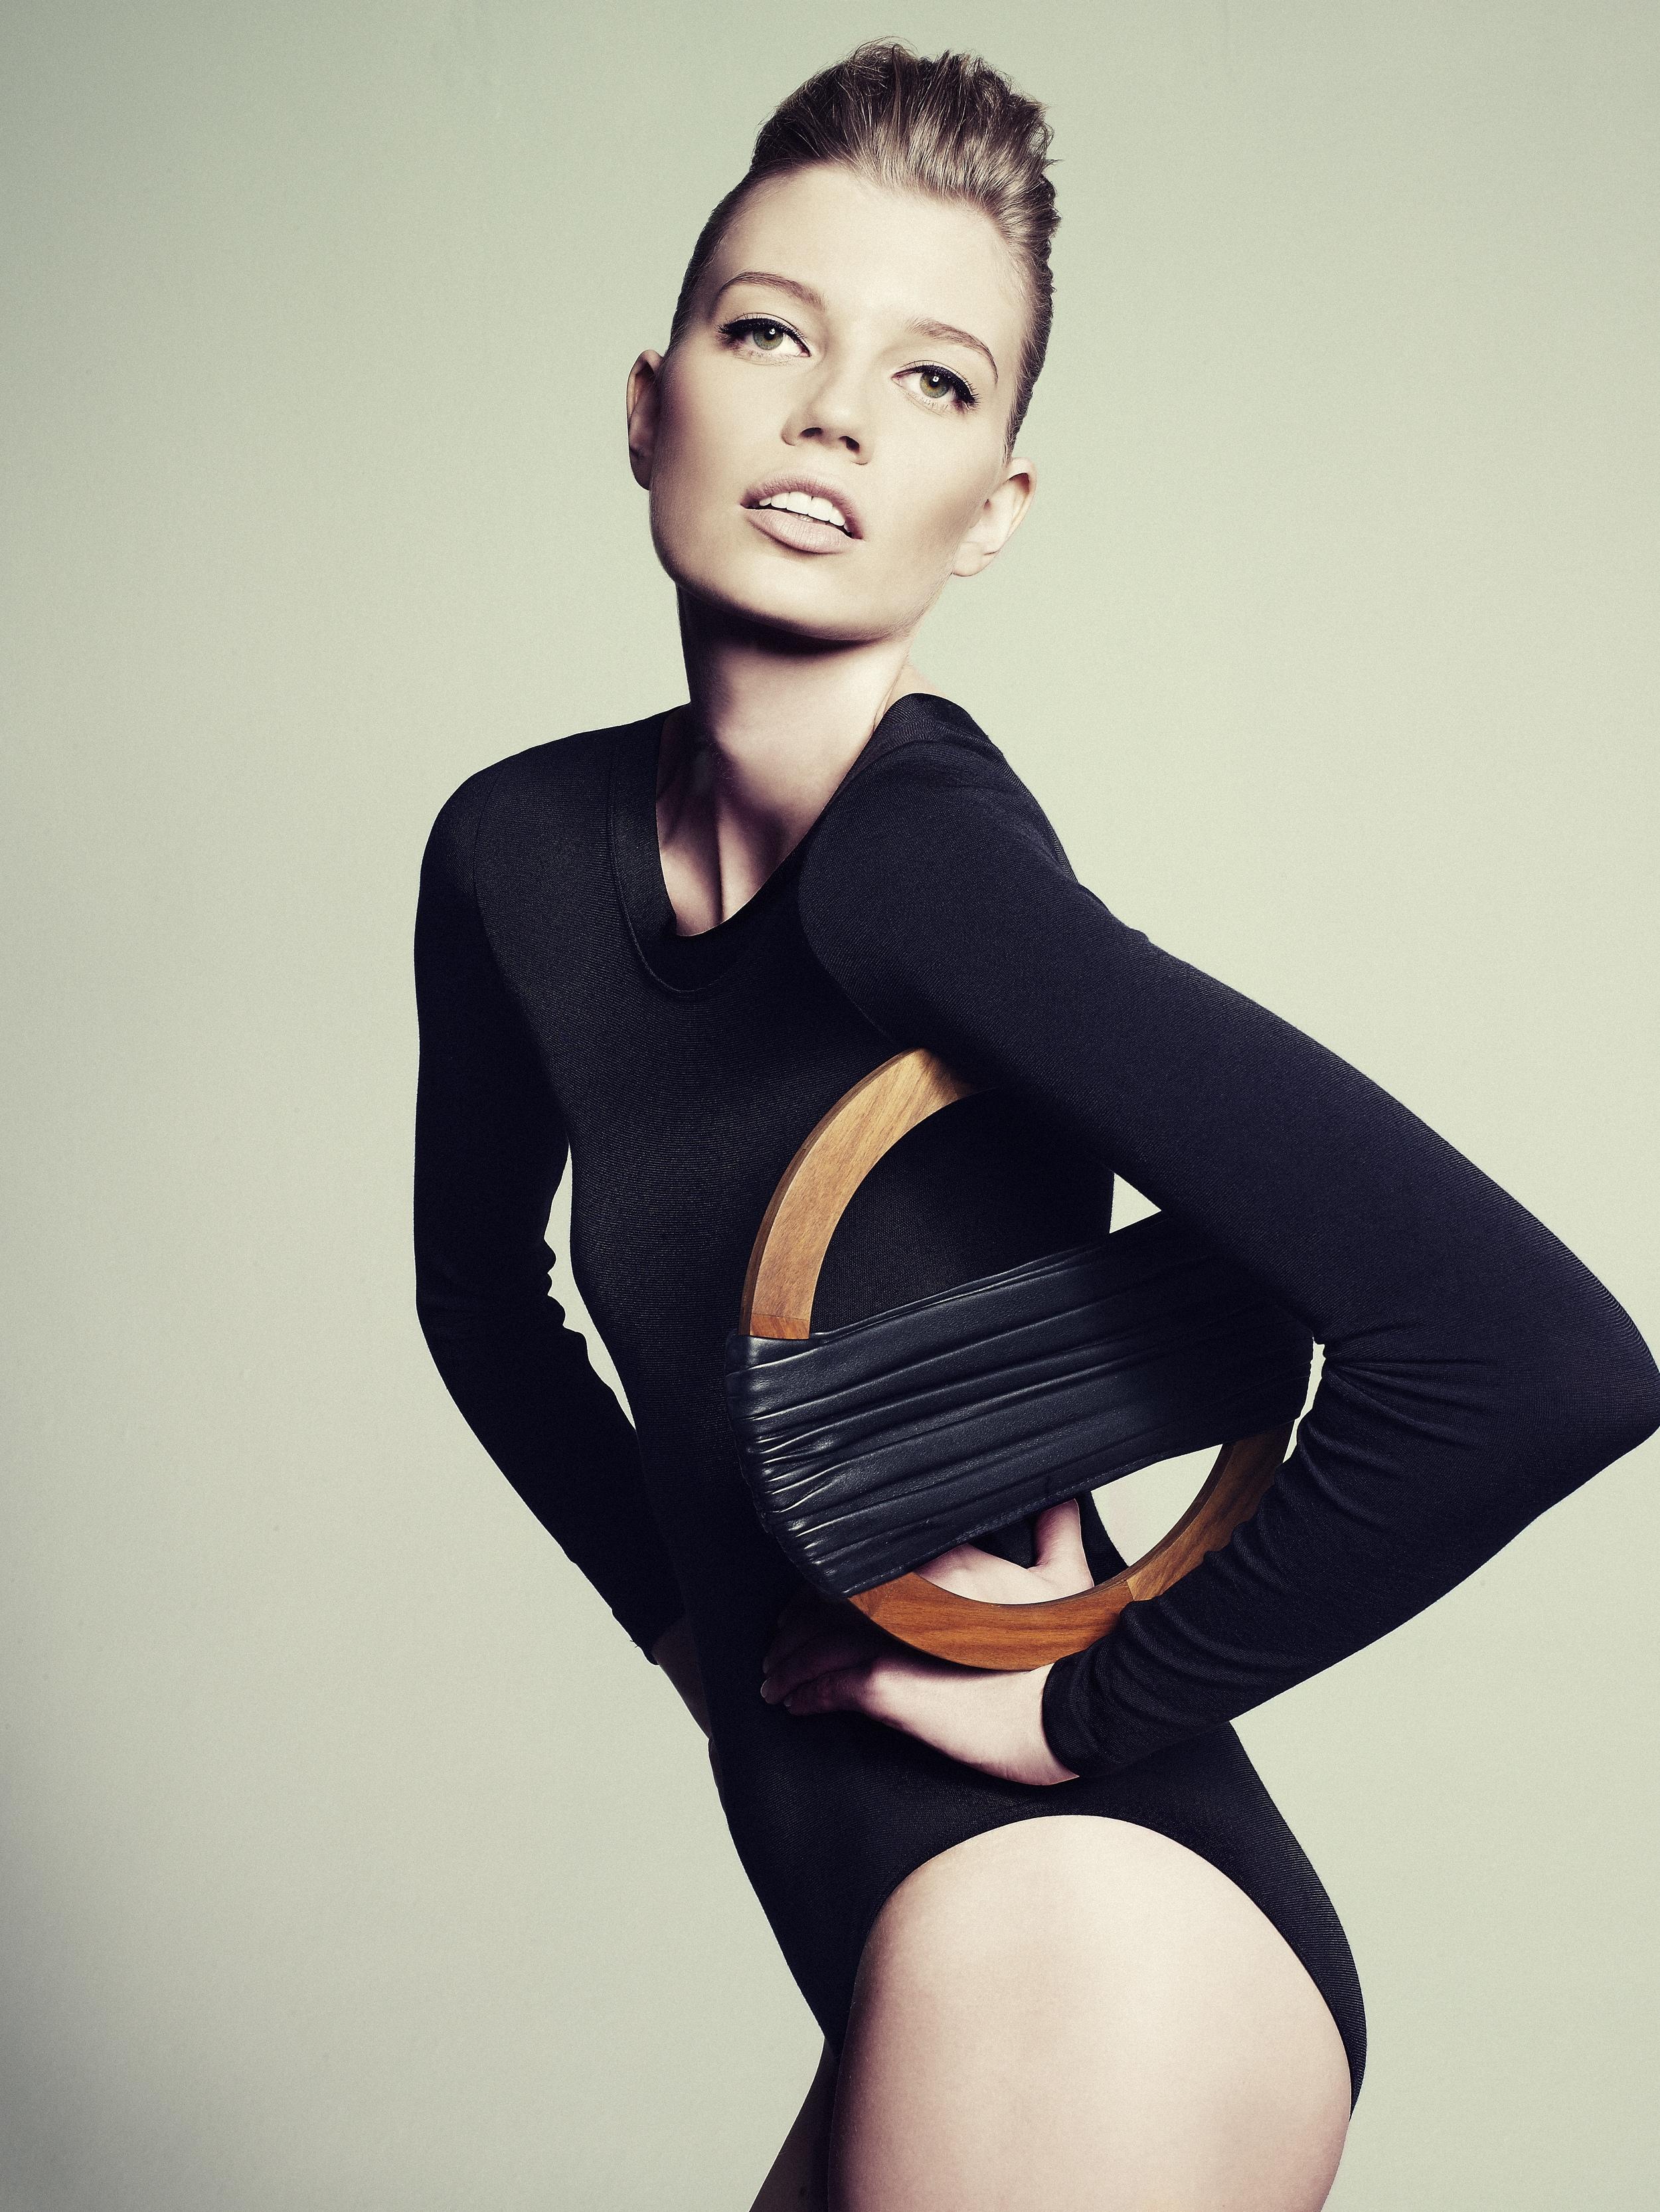 © photo Samuli Karala - model Saara Sihvonen / Brand - style Niko Luostarinen - makeup Milla Puolakanaho, August 2010